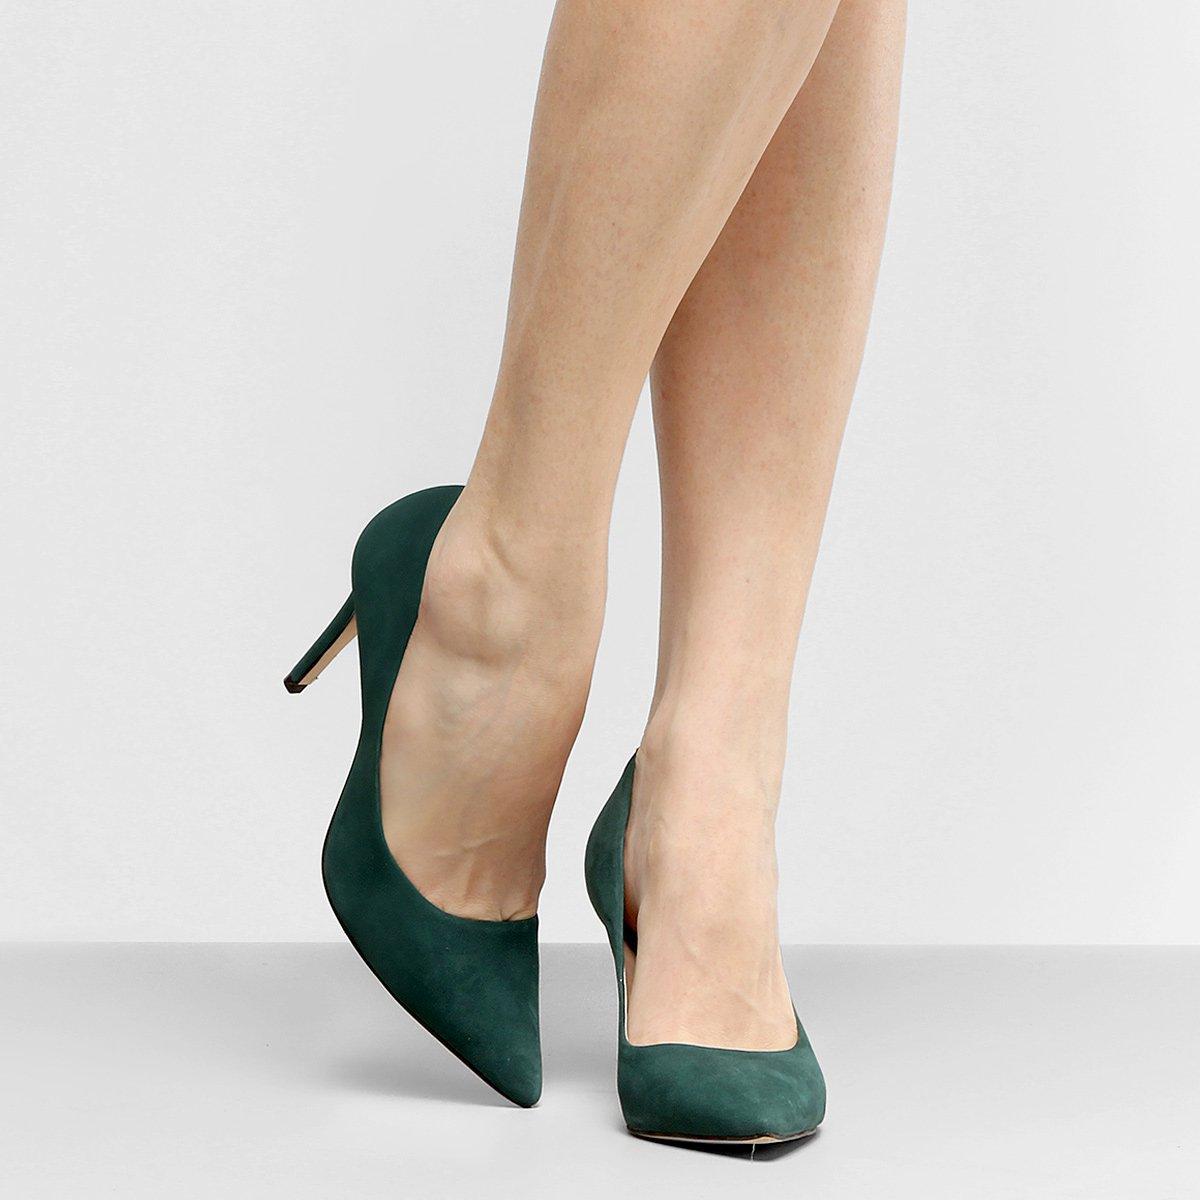 e928c0da6e Scarpin Couro Shoestock Salto Alto Nobuck - Verde